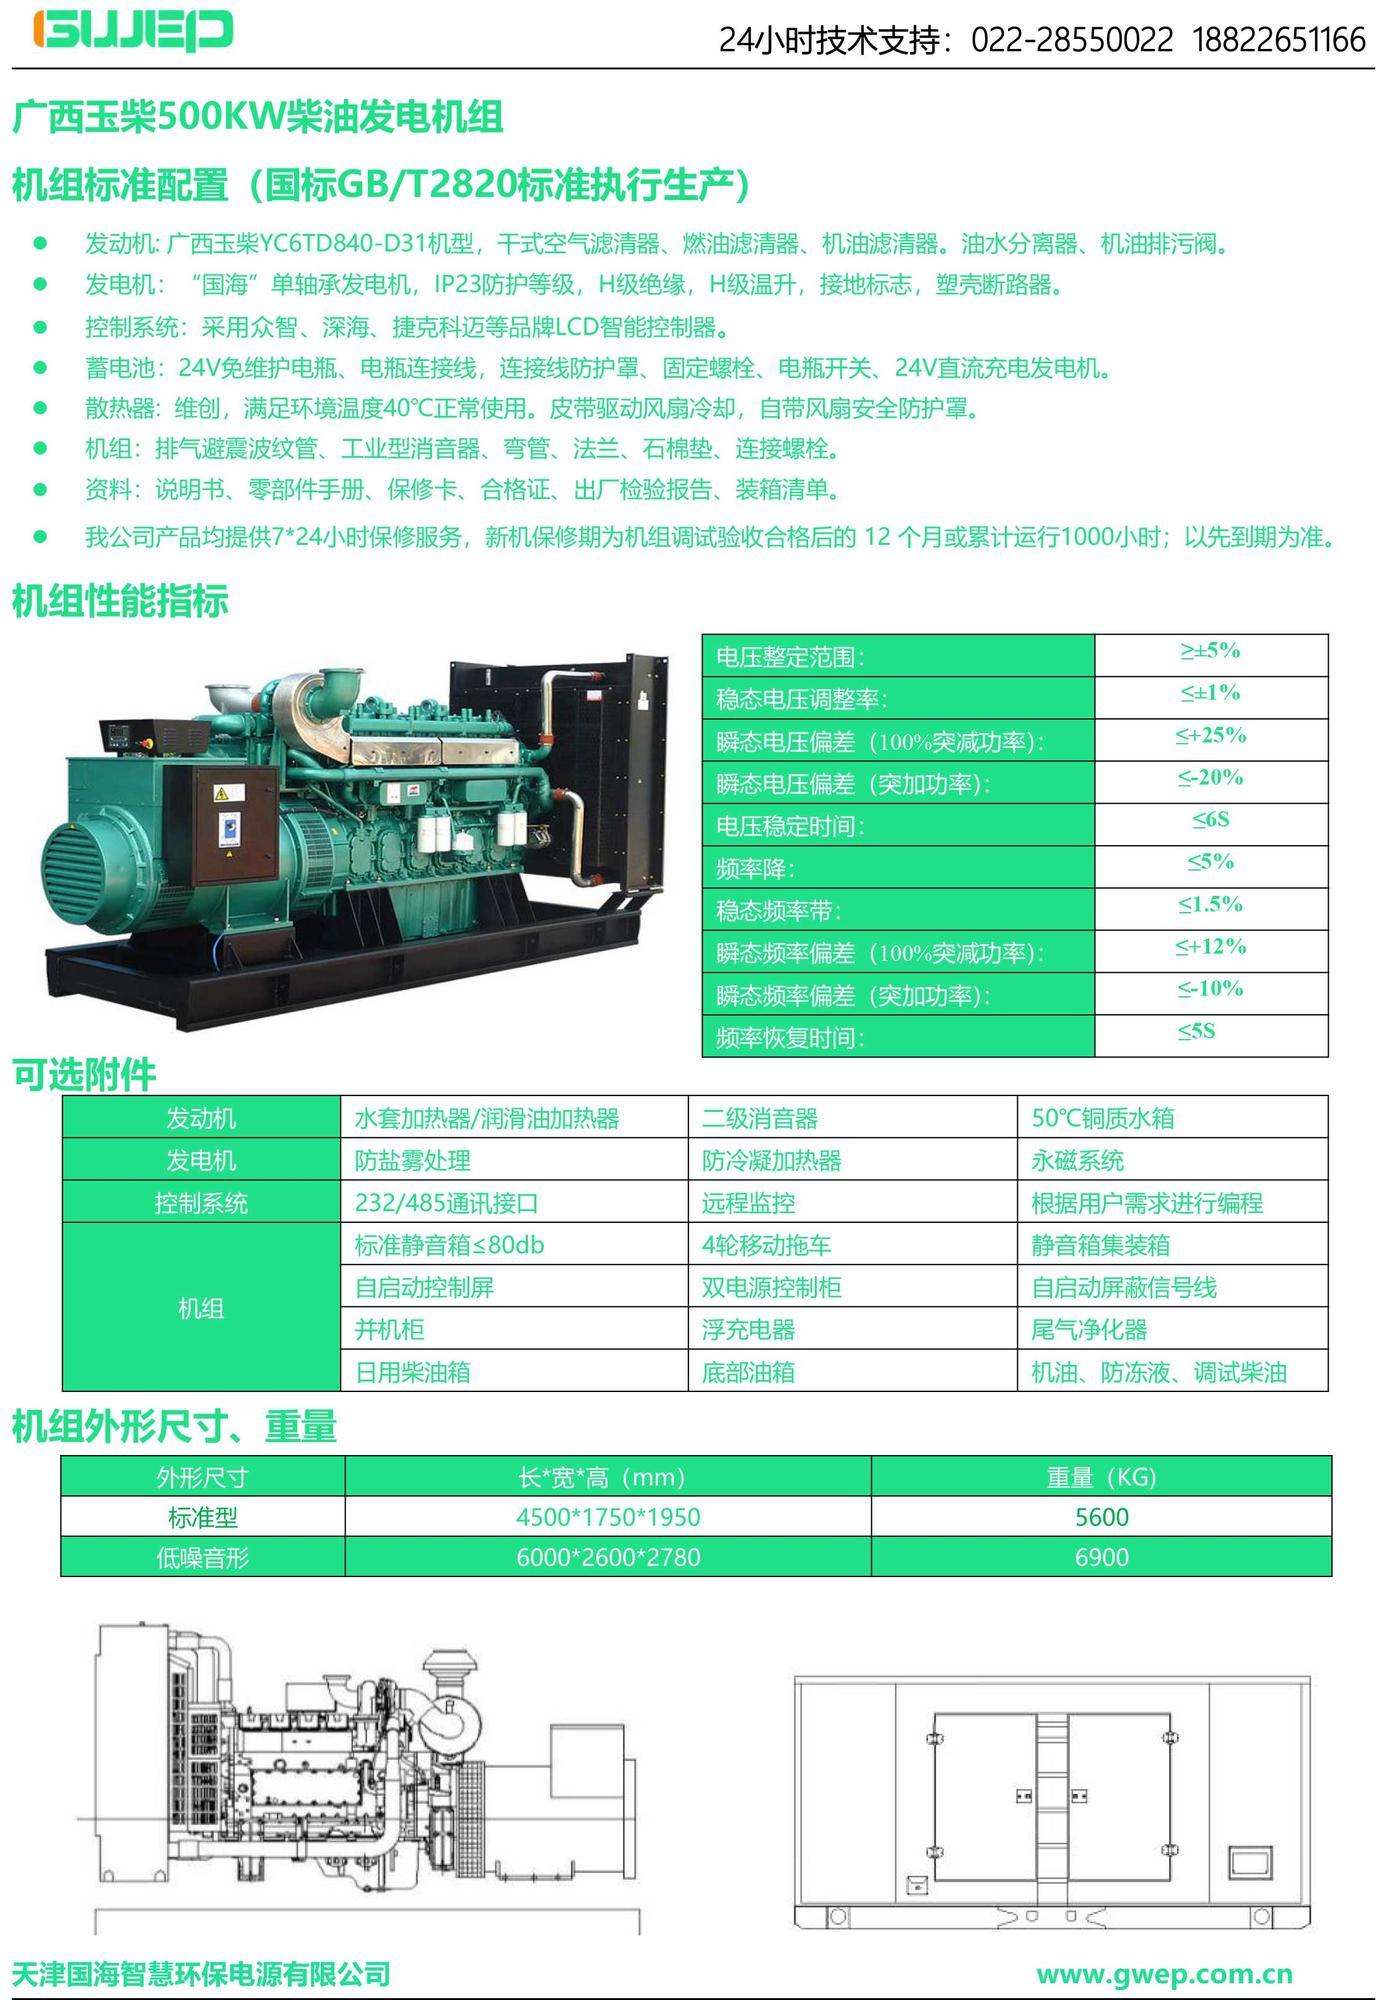 玉柴500KW发电机组技术资料-1.jpg